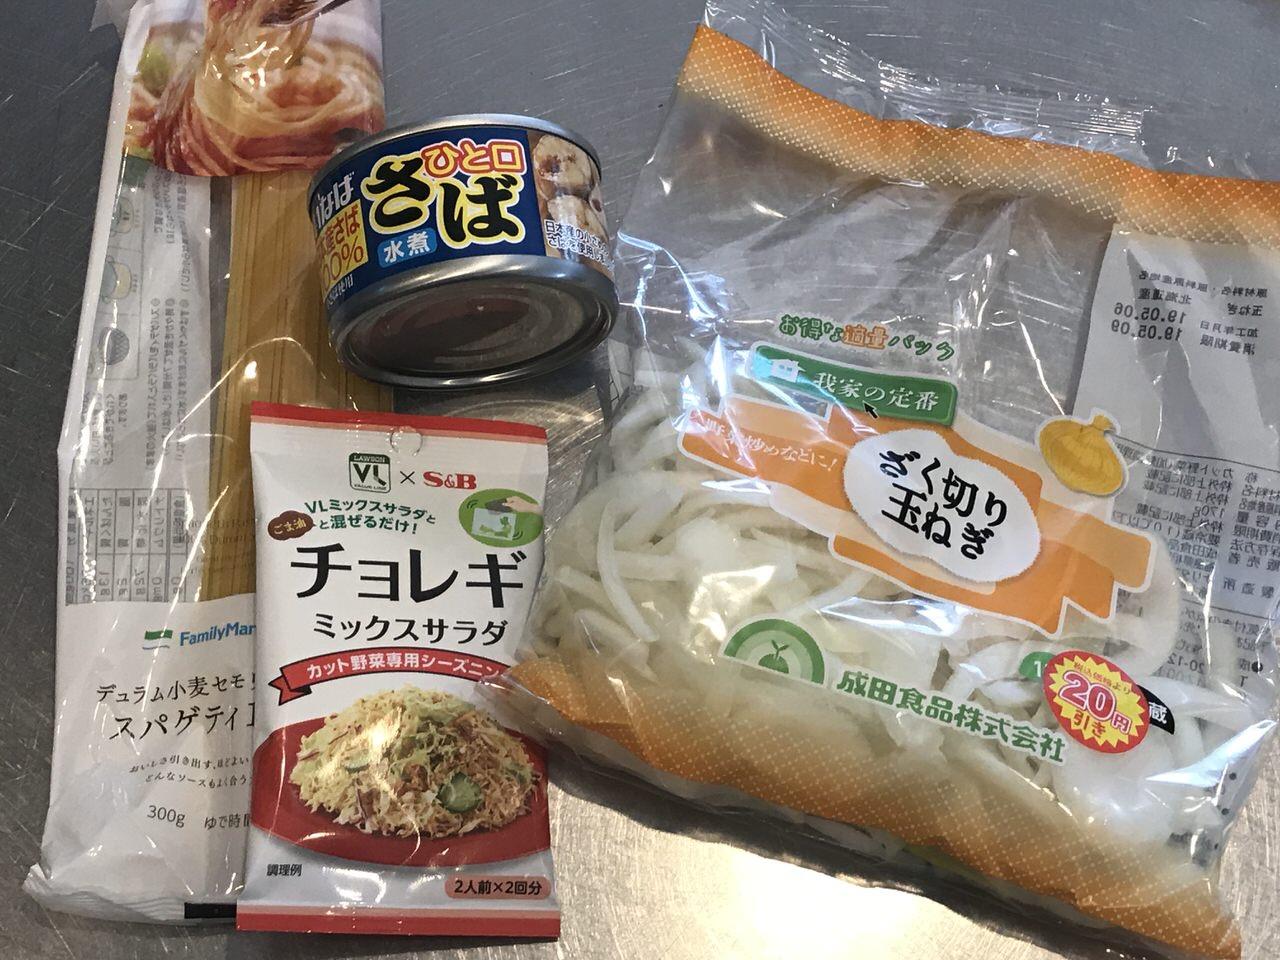 【簡単レシピ】サバ缶と玉ねぎとチョレギなパスタ 1